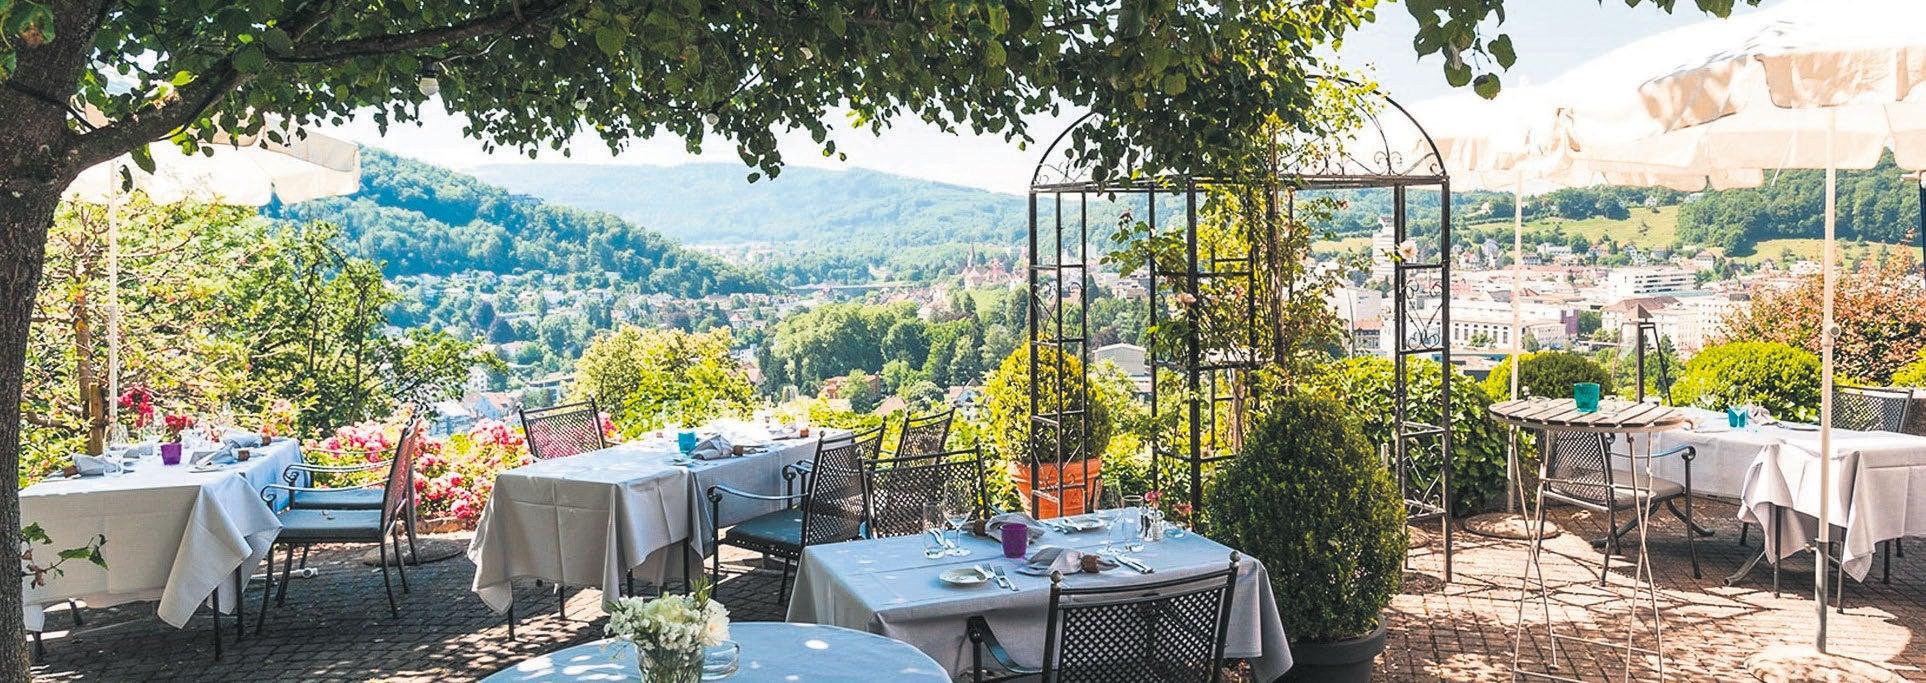 Gartenrestaurant   Die schönsten Gartenbeizen im Aargau